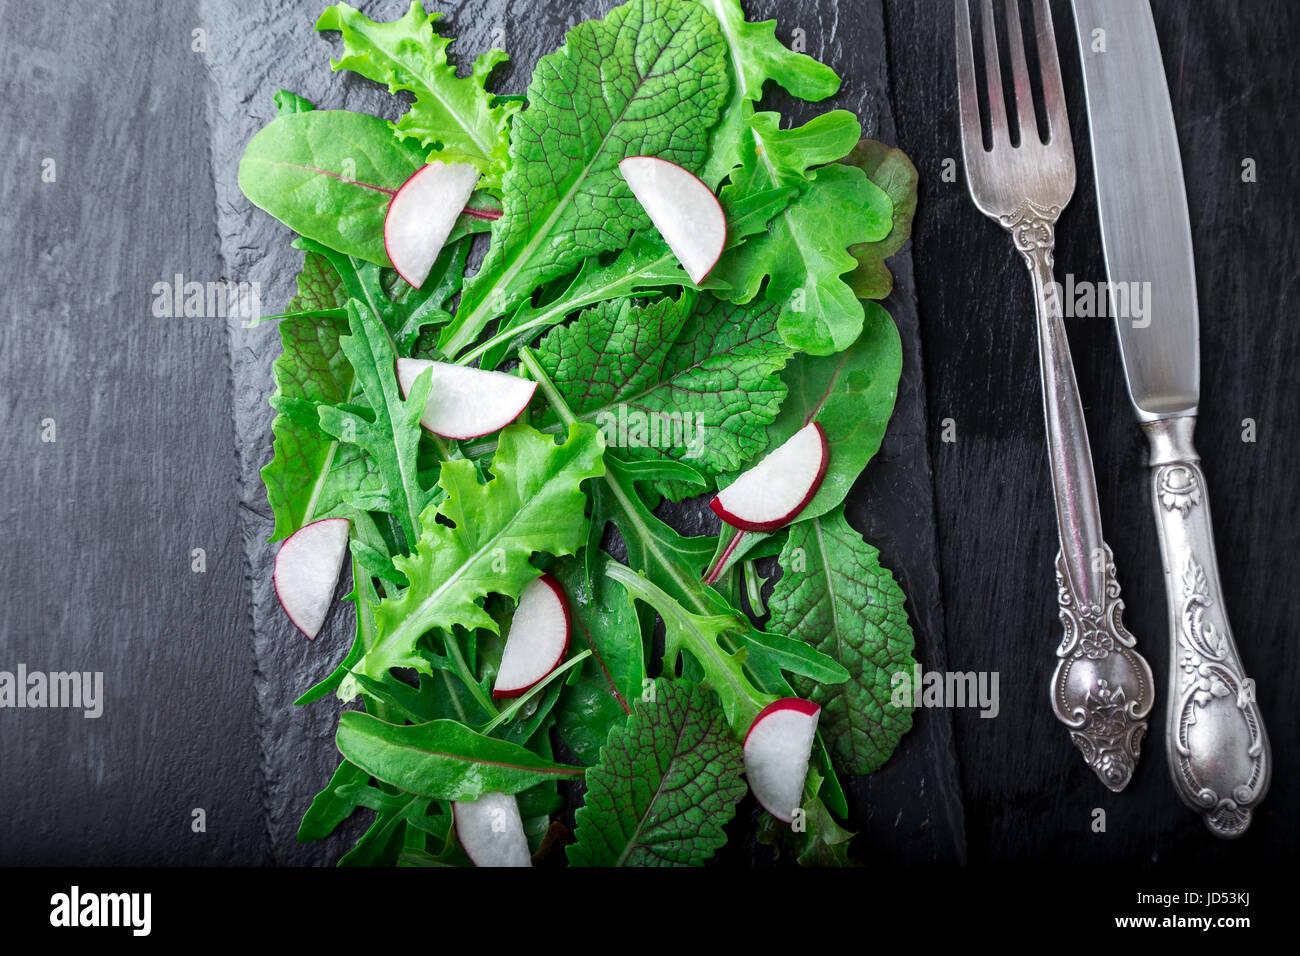 Gemischte Salatblätter mit Radieschen auf schwarzem Schiefer Teller. Ansicht von oben Stockbild